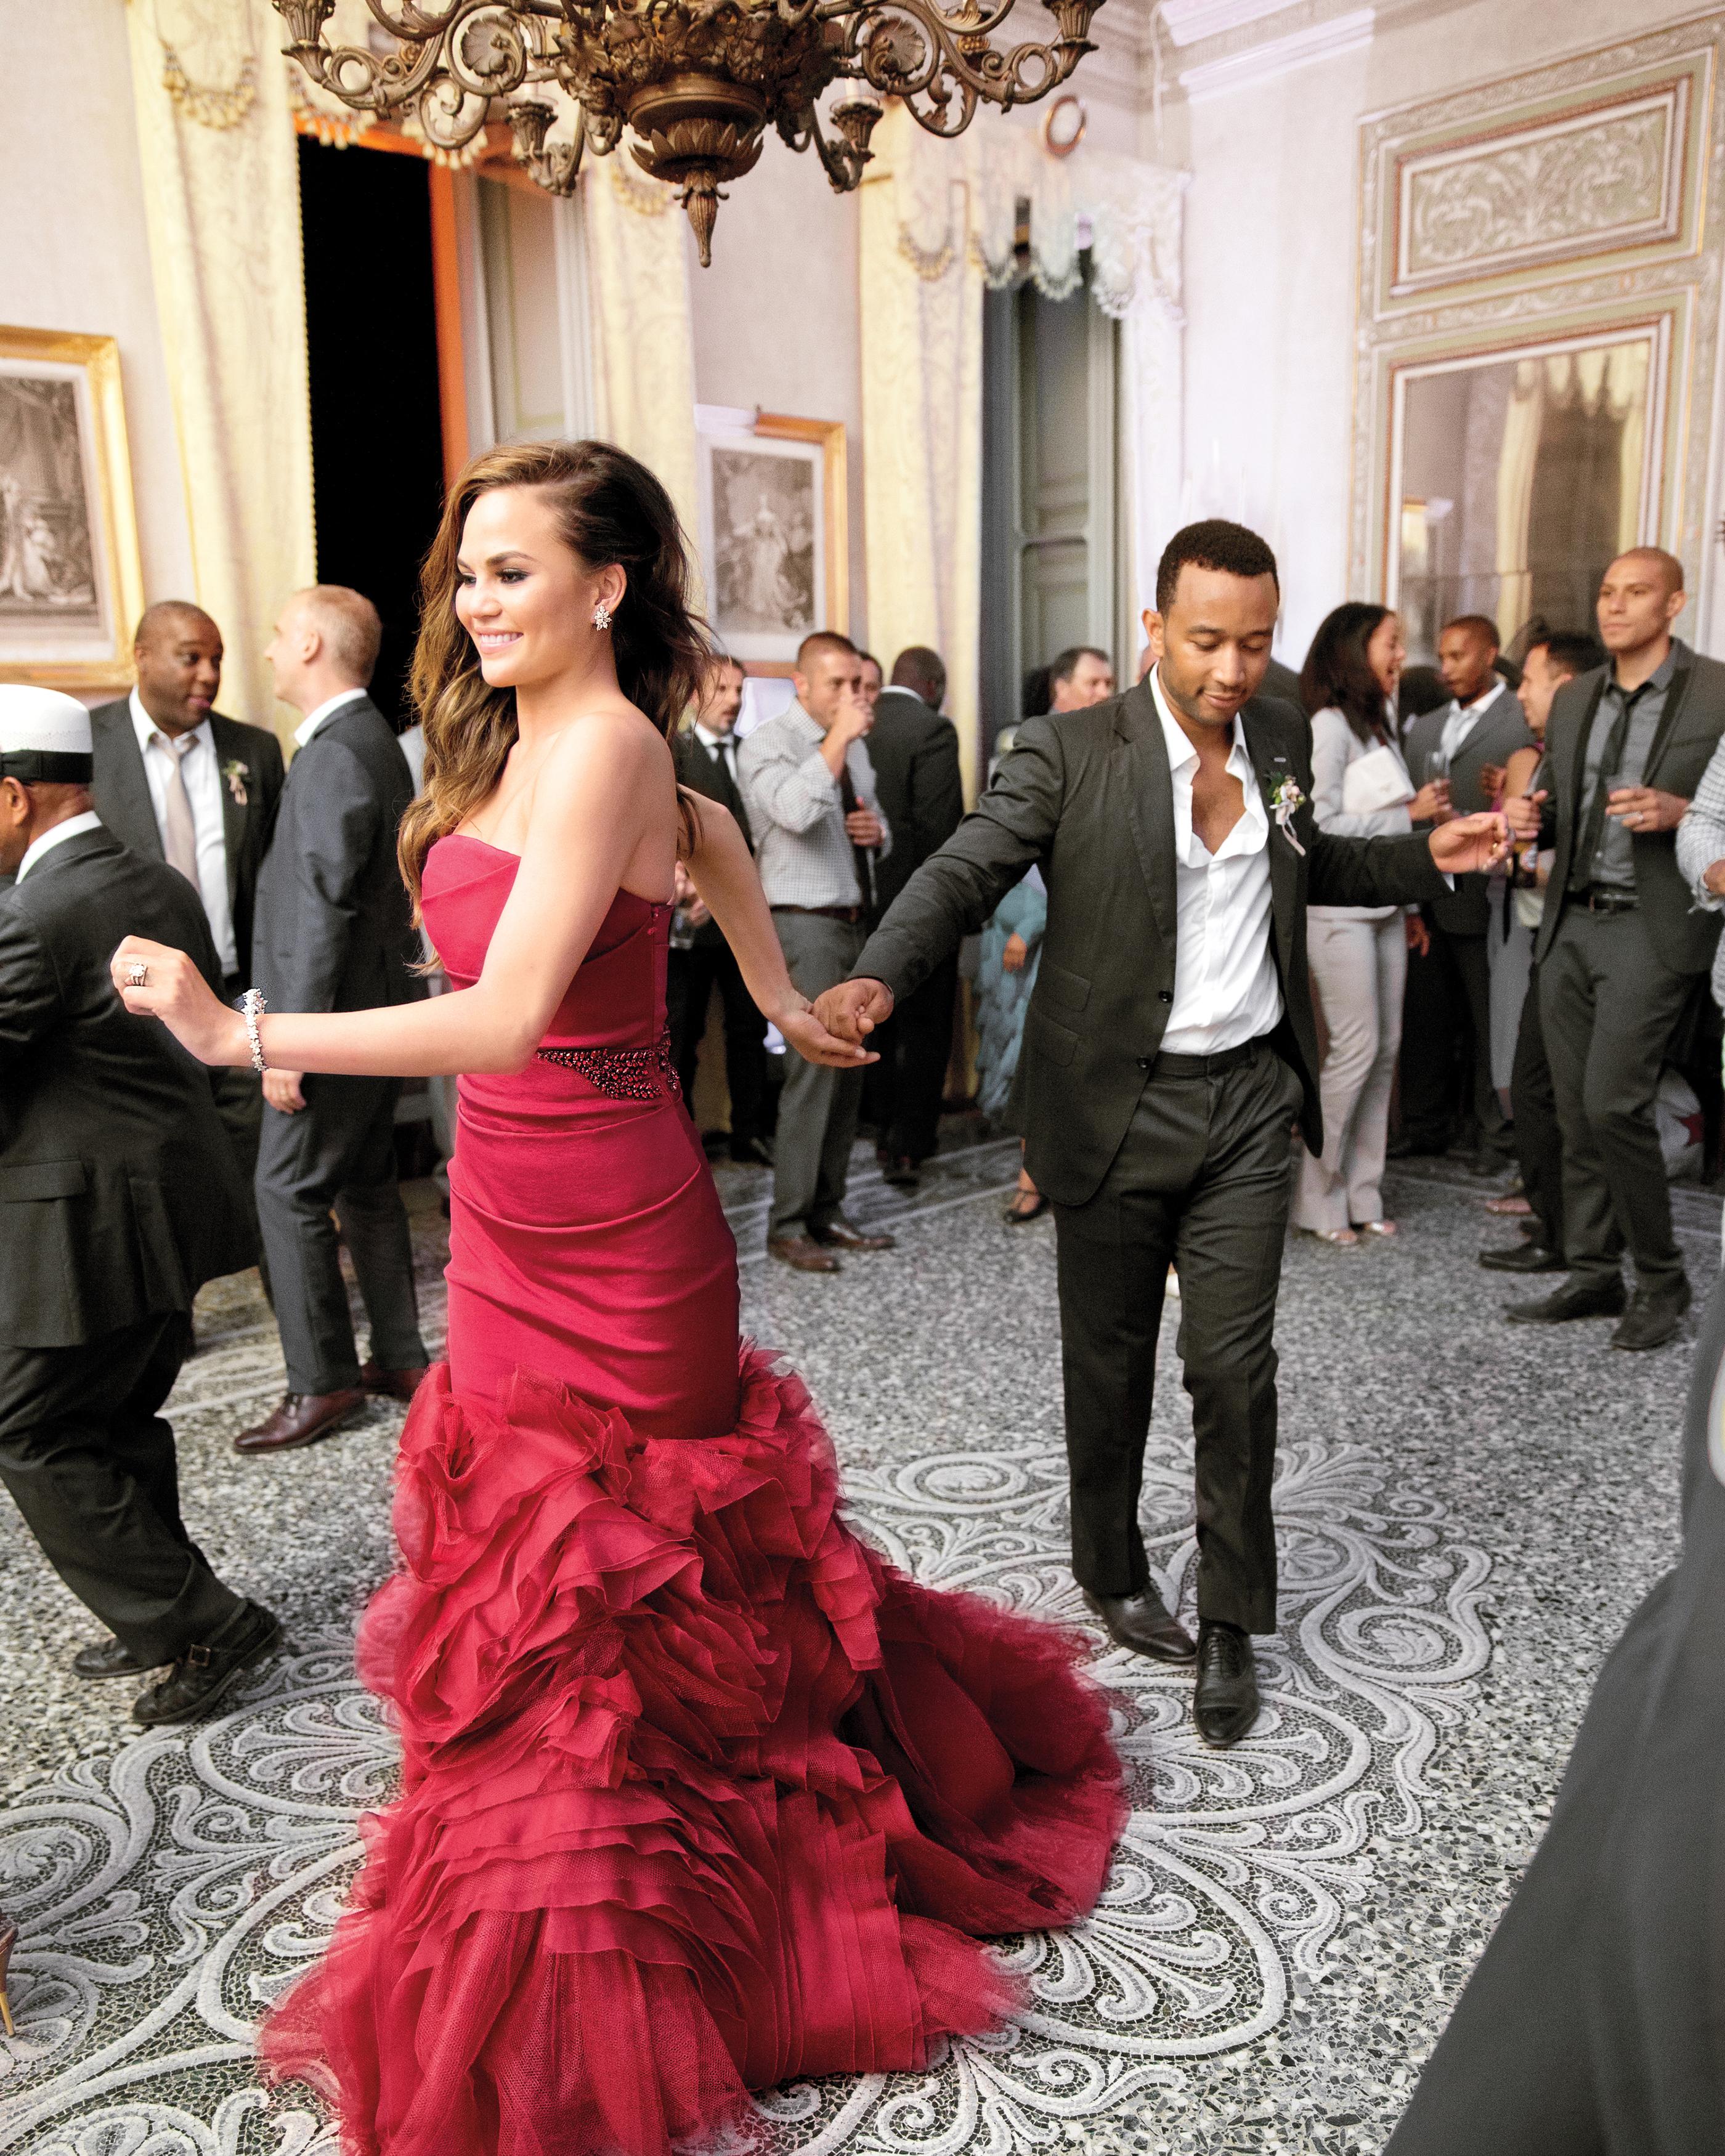 reception-bride-groom-firstdance-johnlegend-delesie0160-mwds110843.jpg